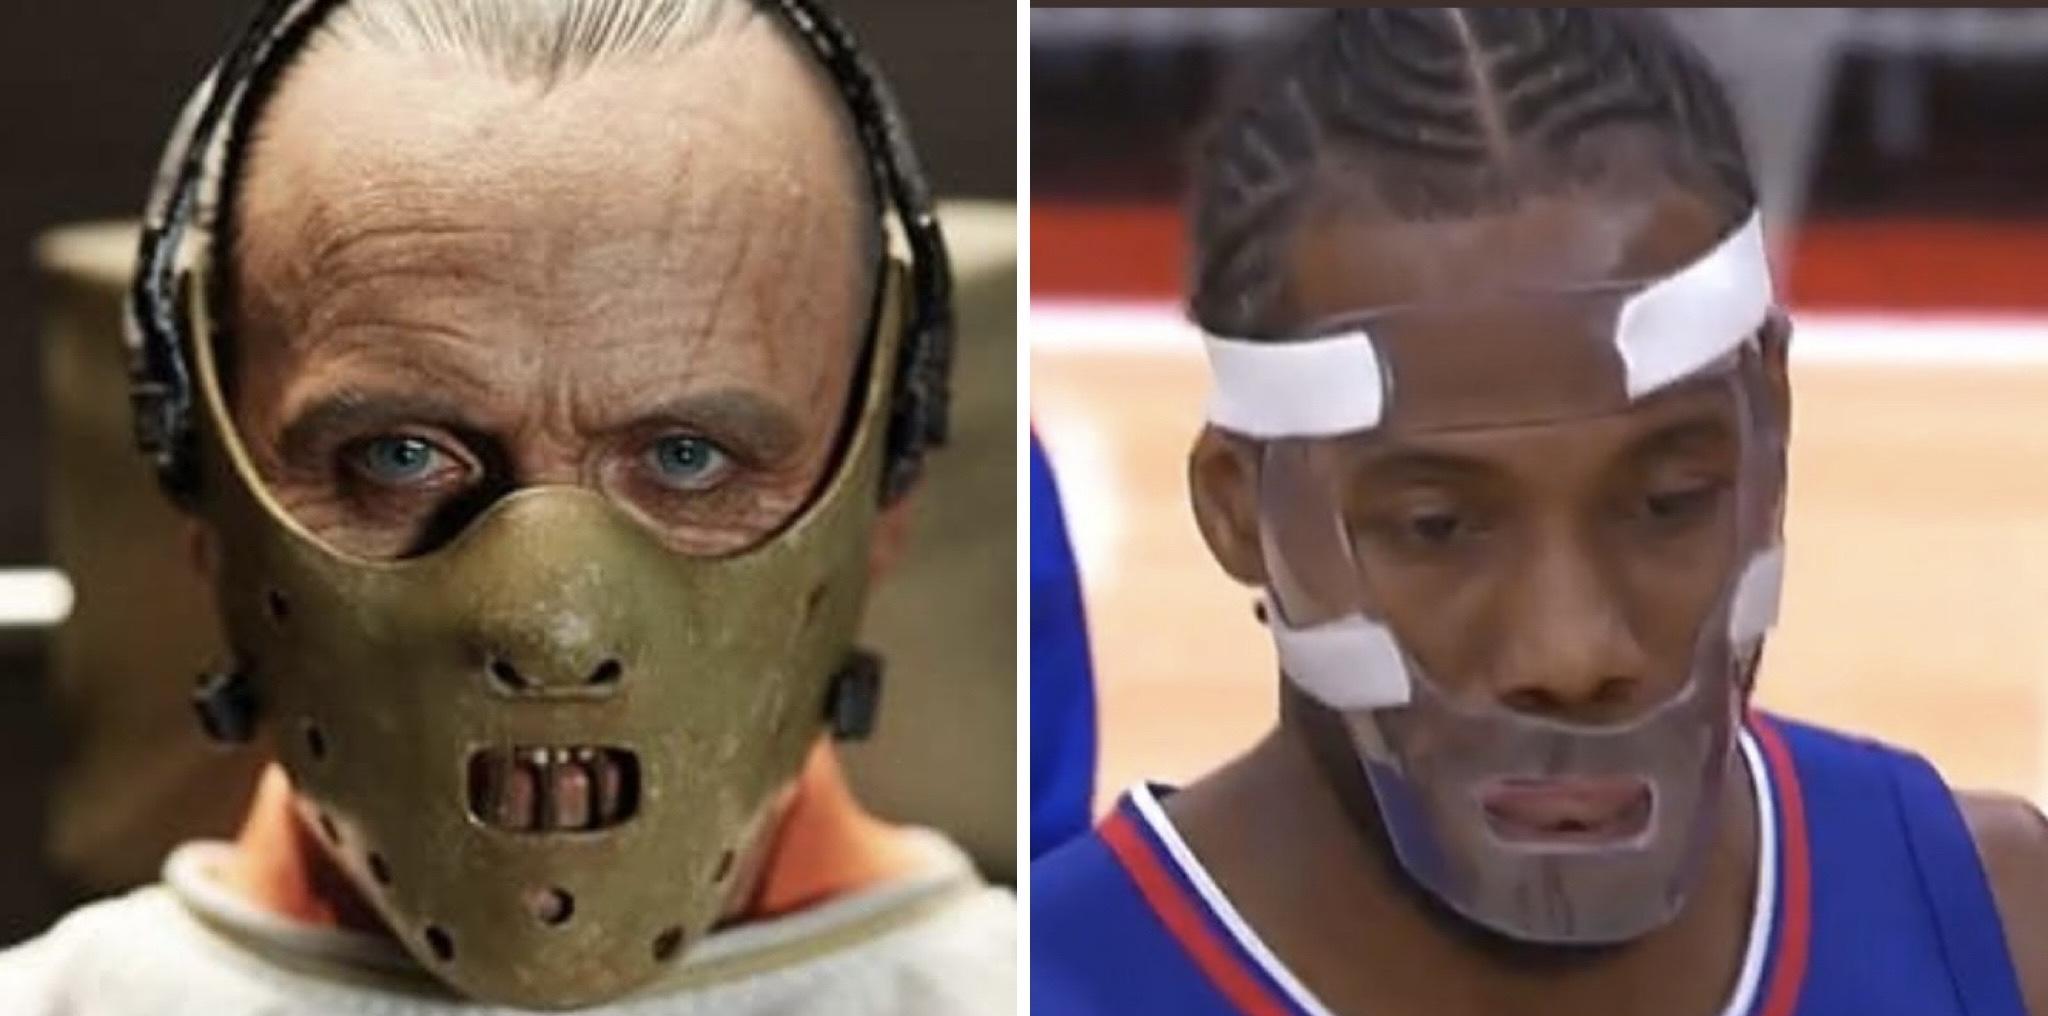 Kawhi Leonard face shield mask